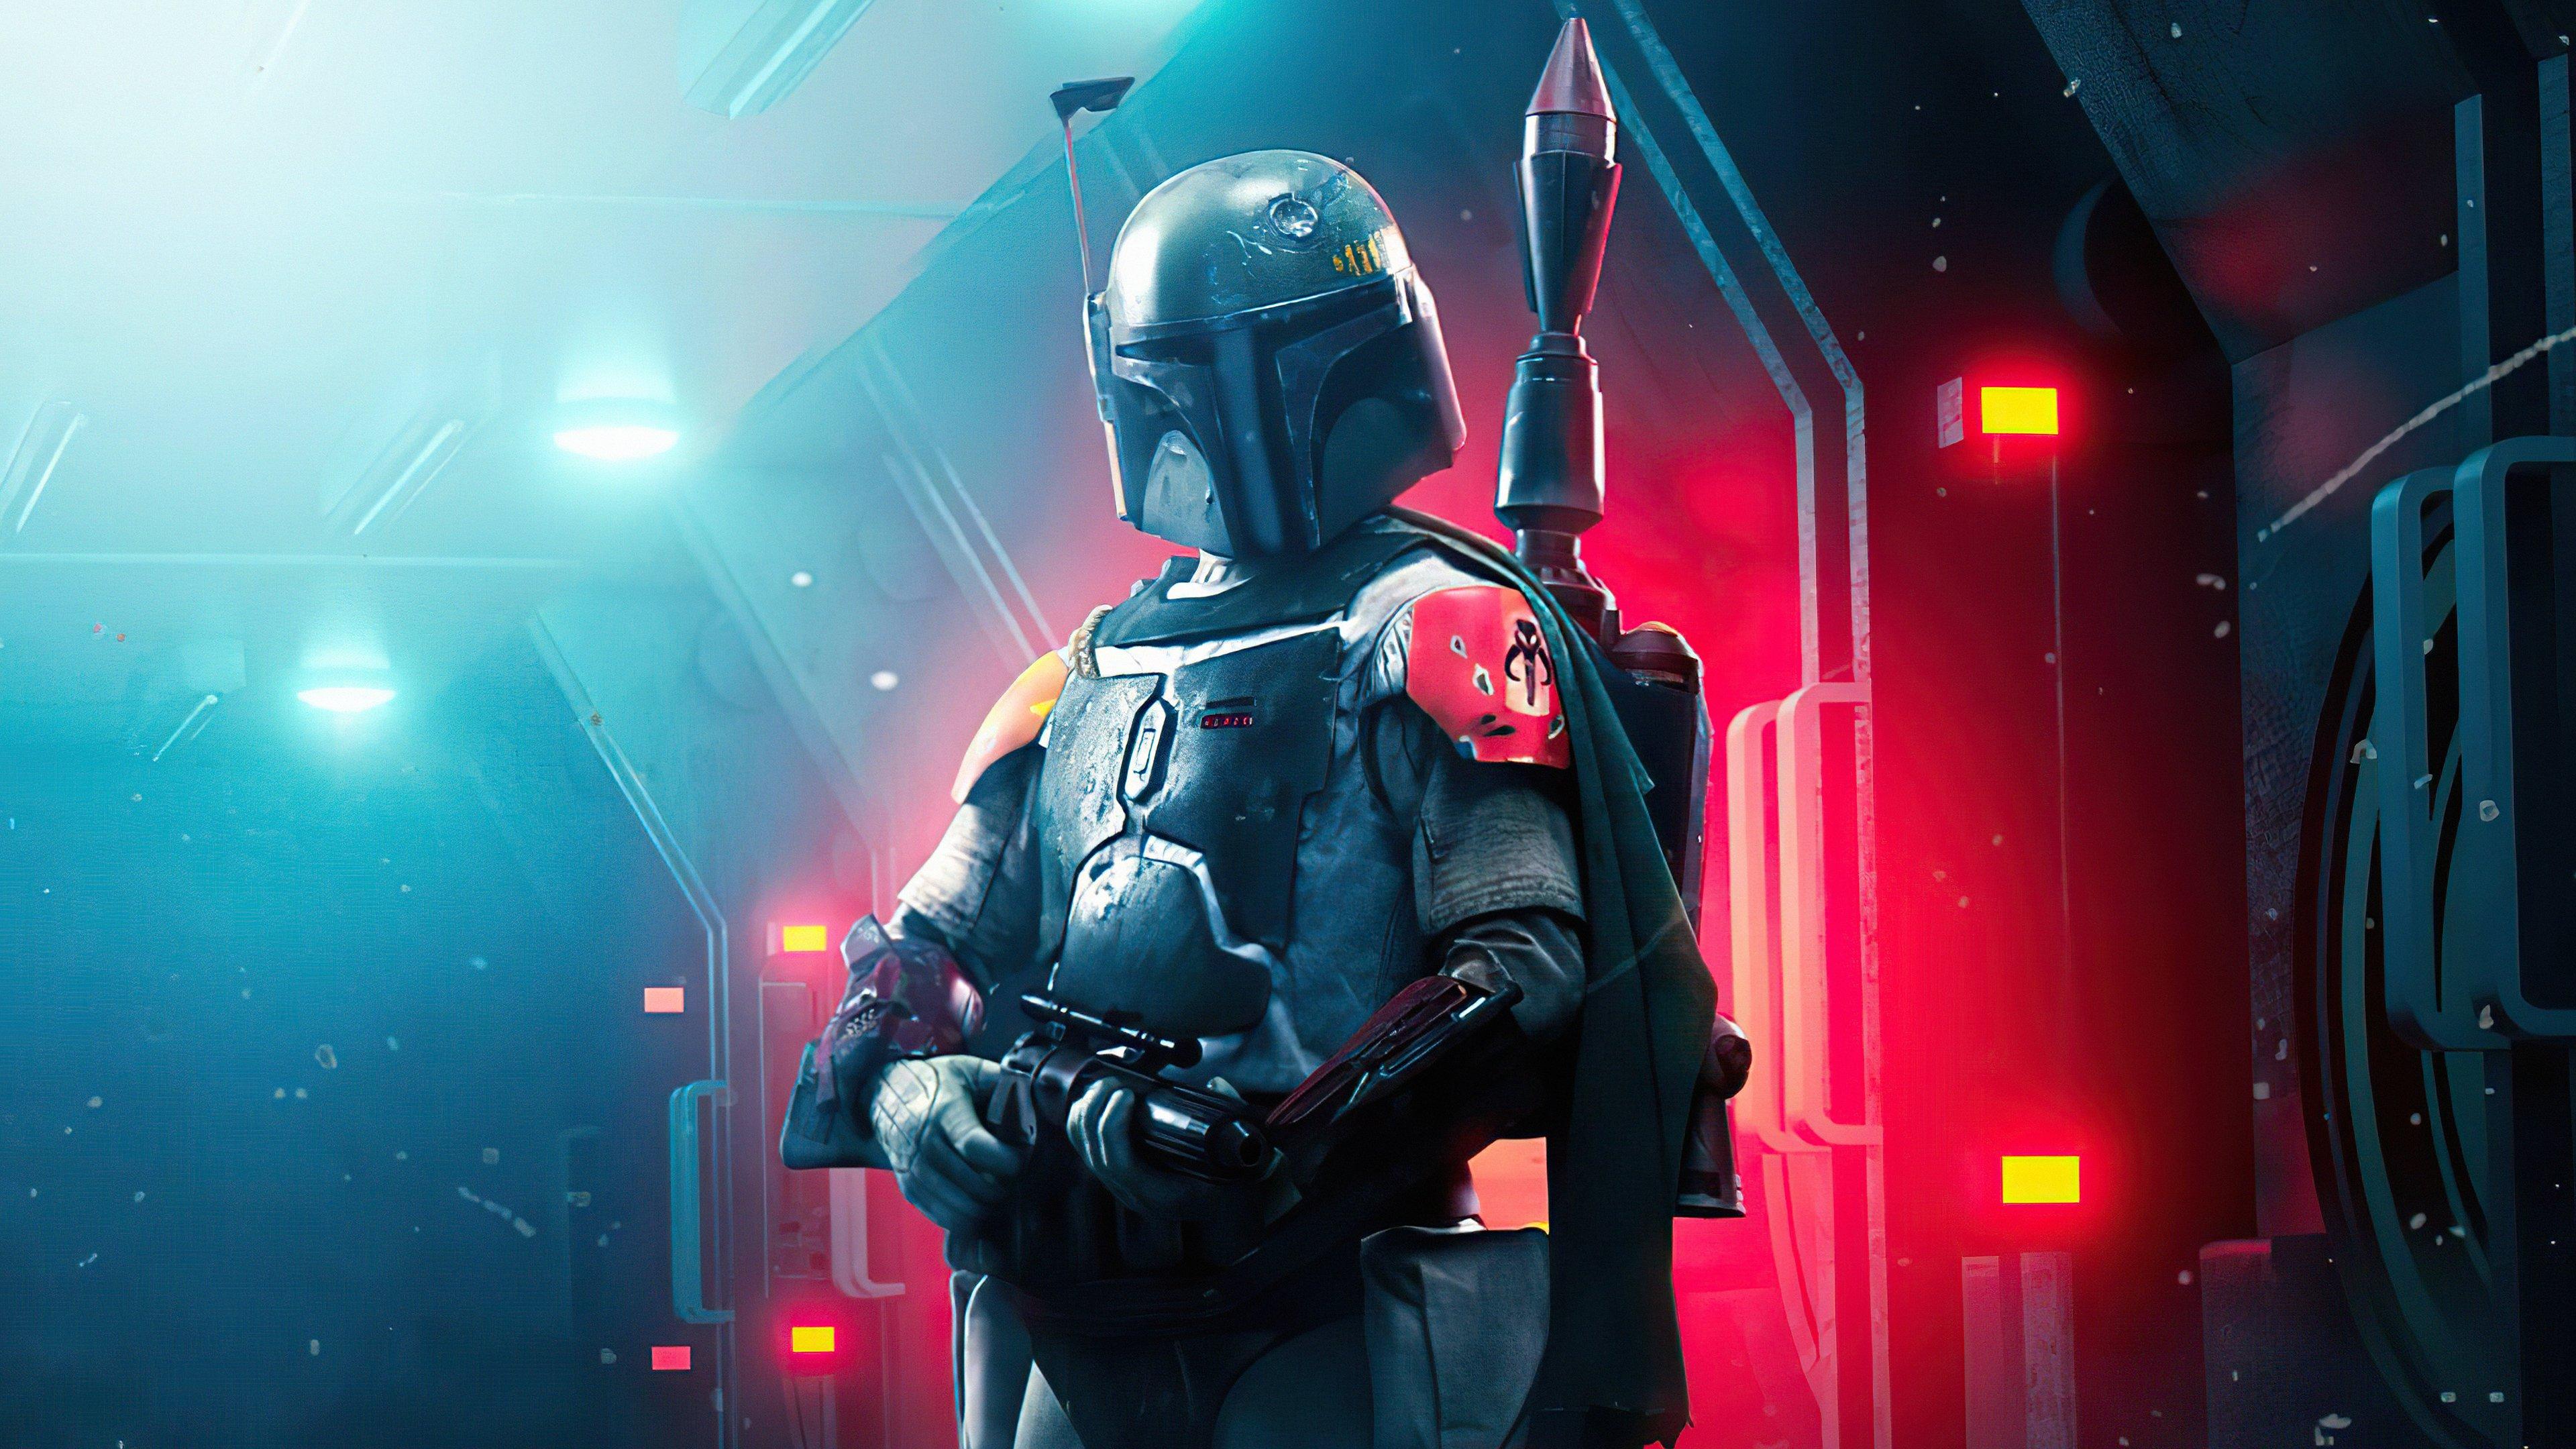 Fondos de pantalla Boba Fett Star Wars